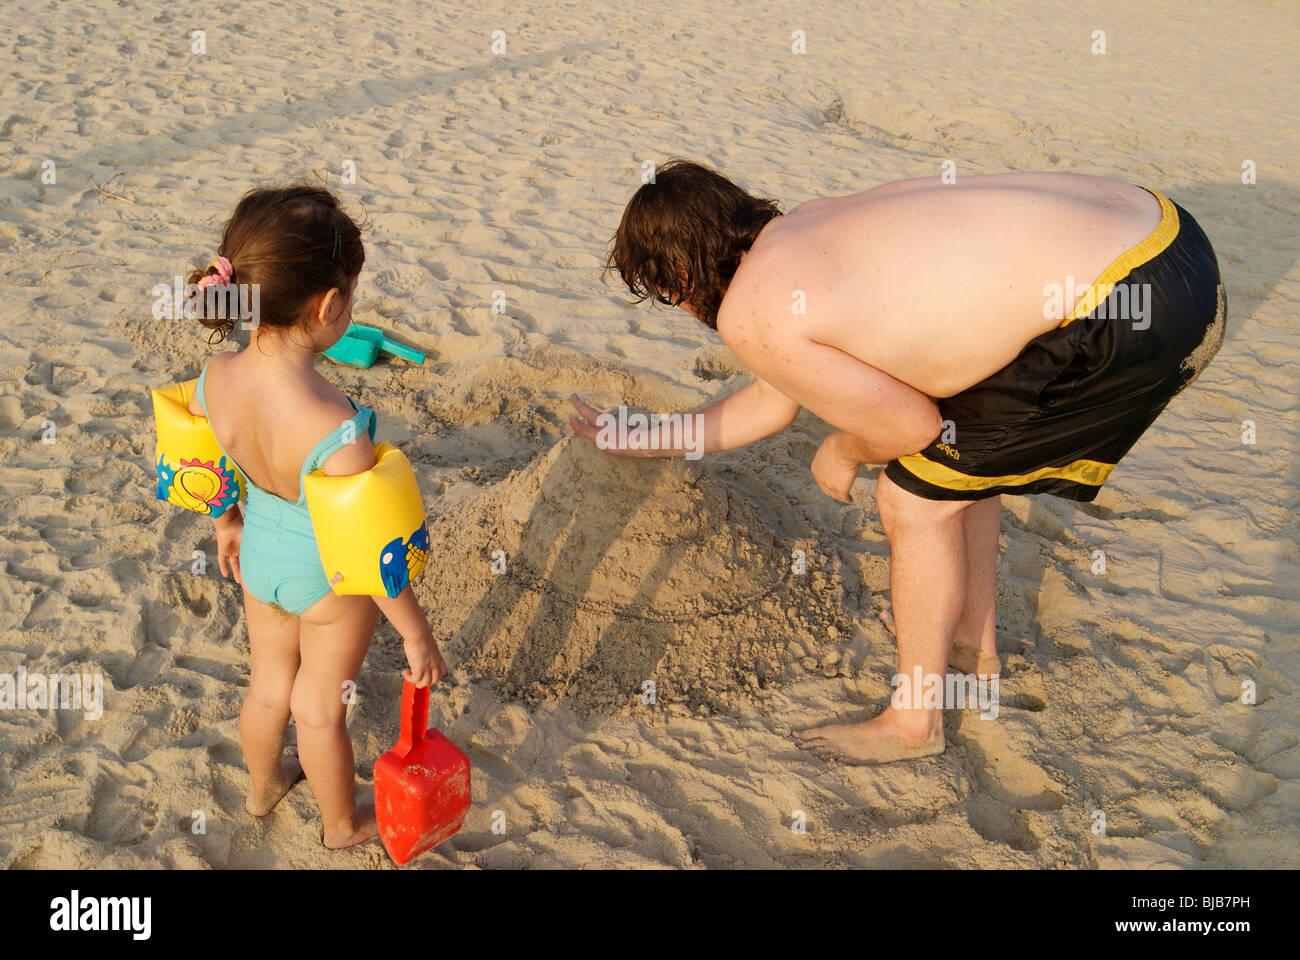 Carina ragazza turistica con suo padre la costruzione di un bel palazzo in riva mare sand.padre e figlia giocando a Kovalam Beach India Foto Stock